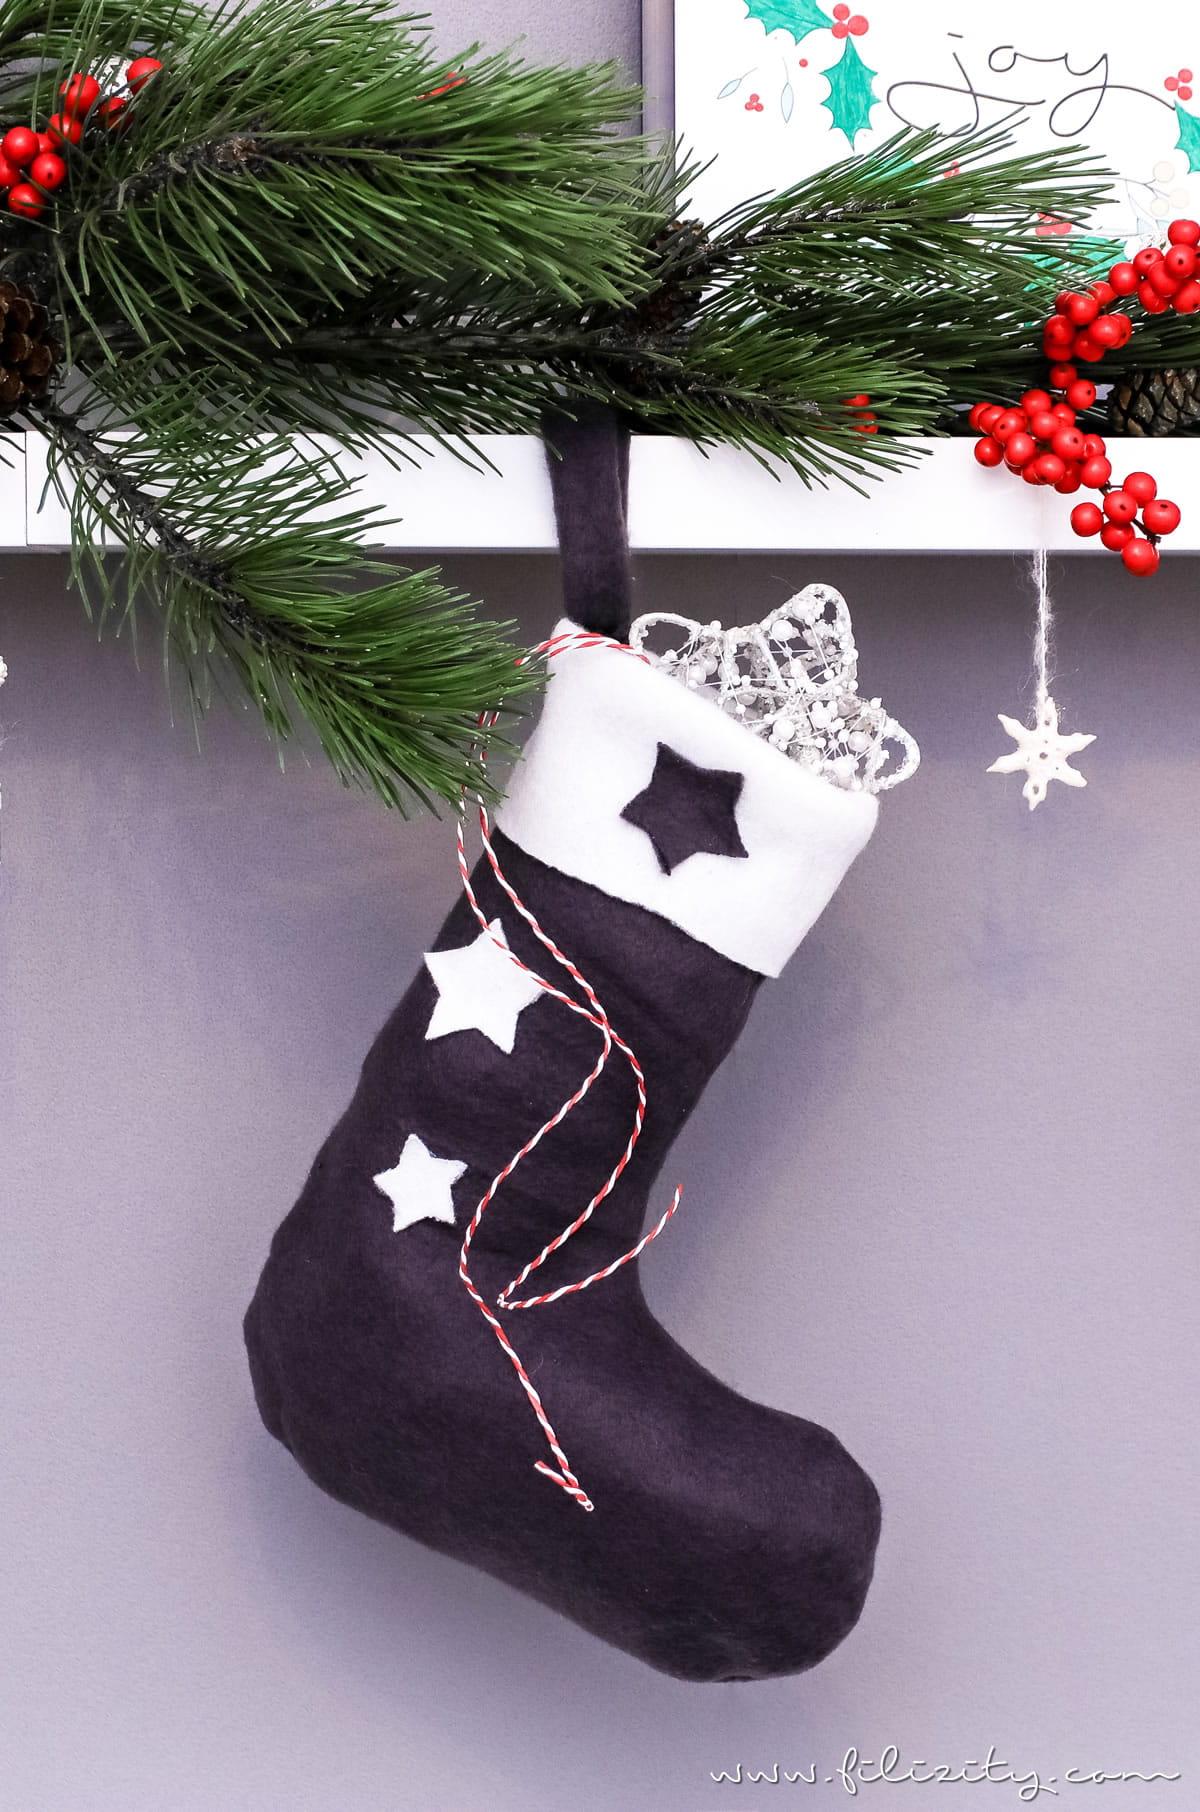 Basteln in der Weihnachtszeit: Nikolausstiefel nähen | Filizity.com | DIY-Blog aus dem Rheinland #weihnachten #nikolaus #nähen #geschenkideen